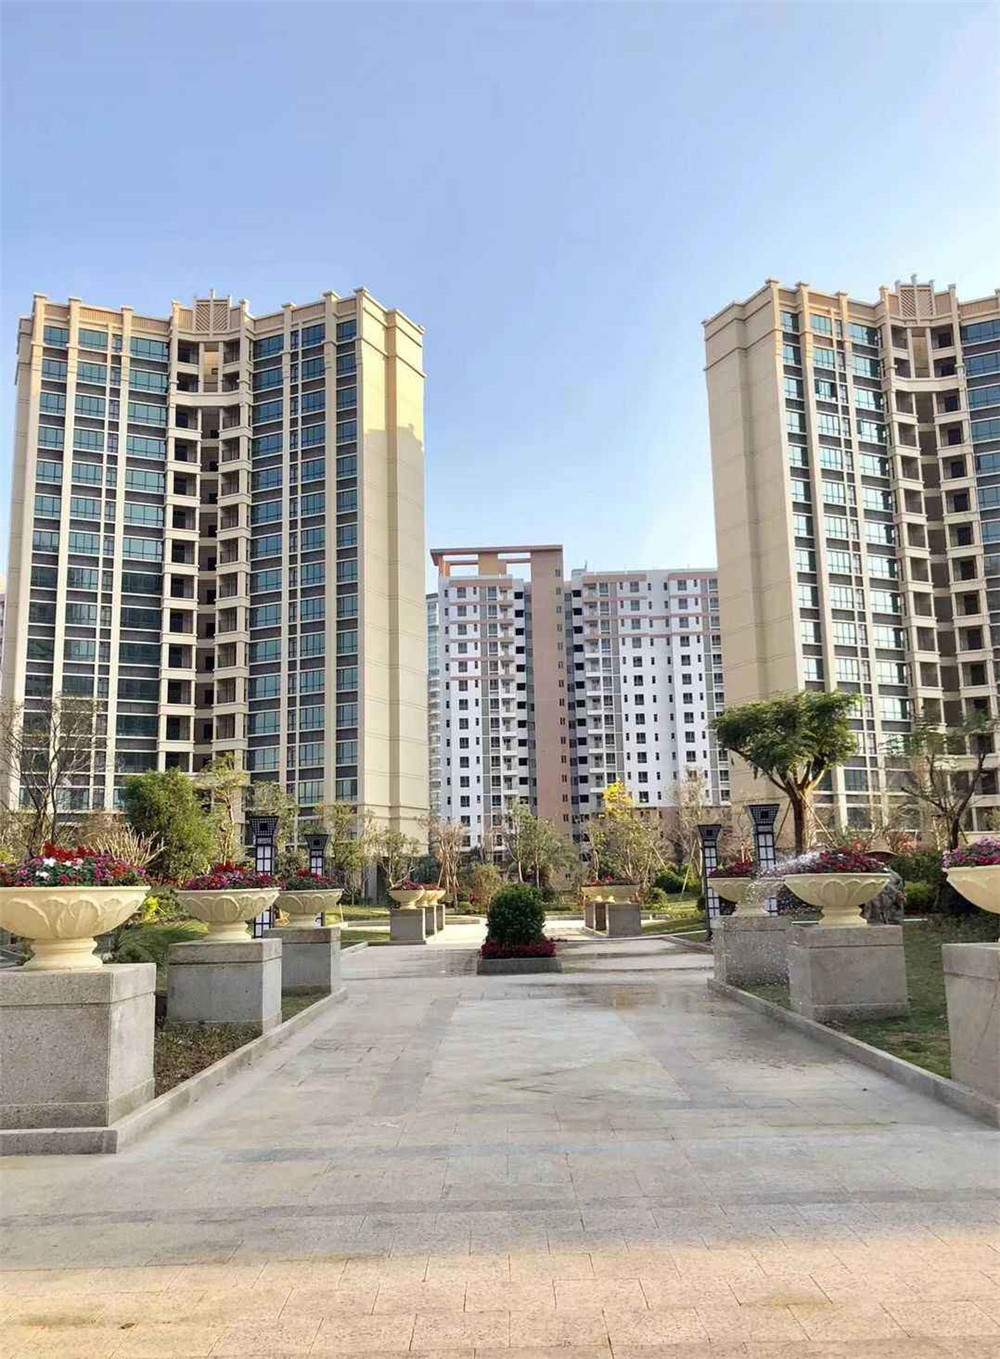 http://yuefangwangimg.oss-cn-hangzhou.aliyuncs.com/uploads/20201022/0467c70ee31d5b0222a6fa7936d91d0bMax.jpg